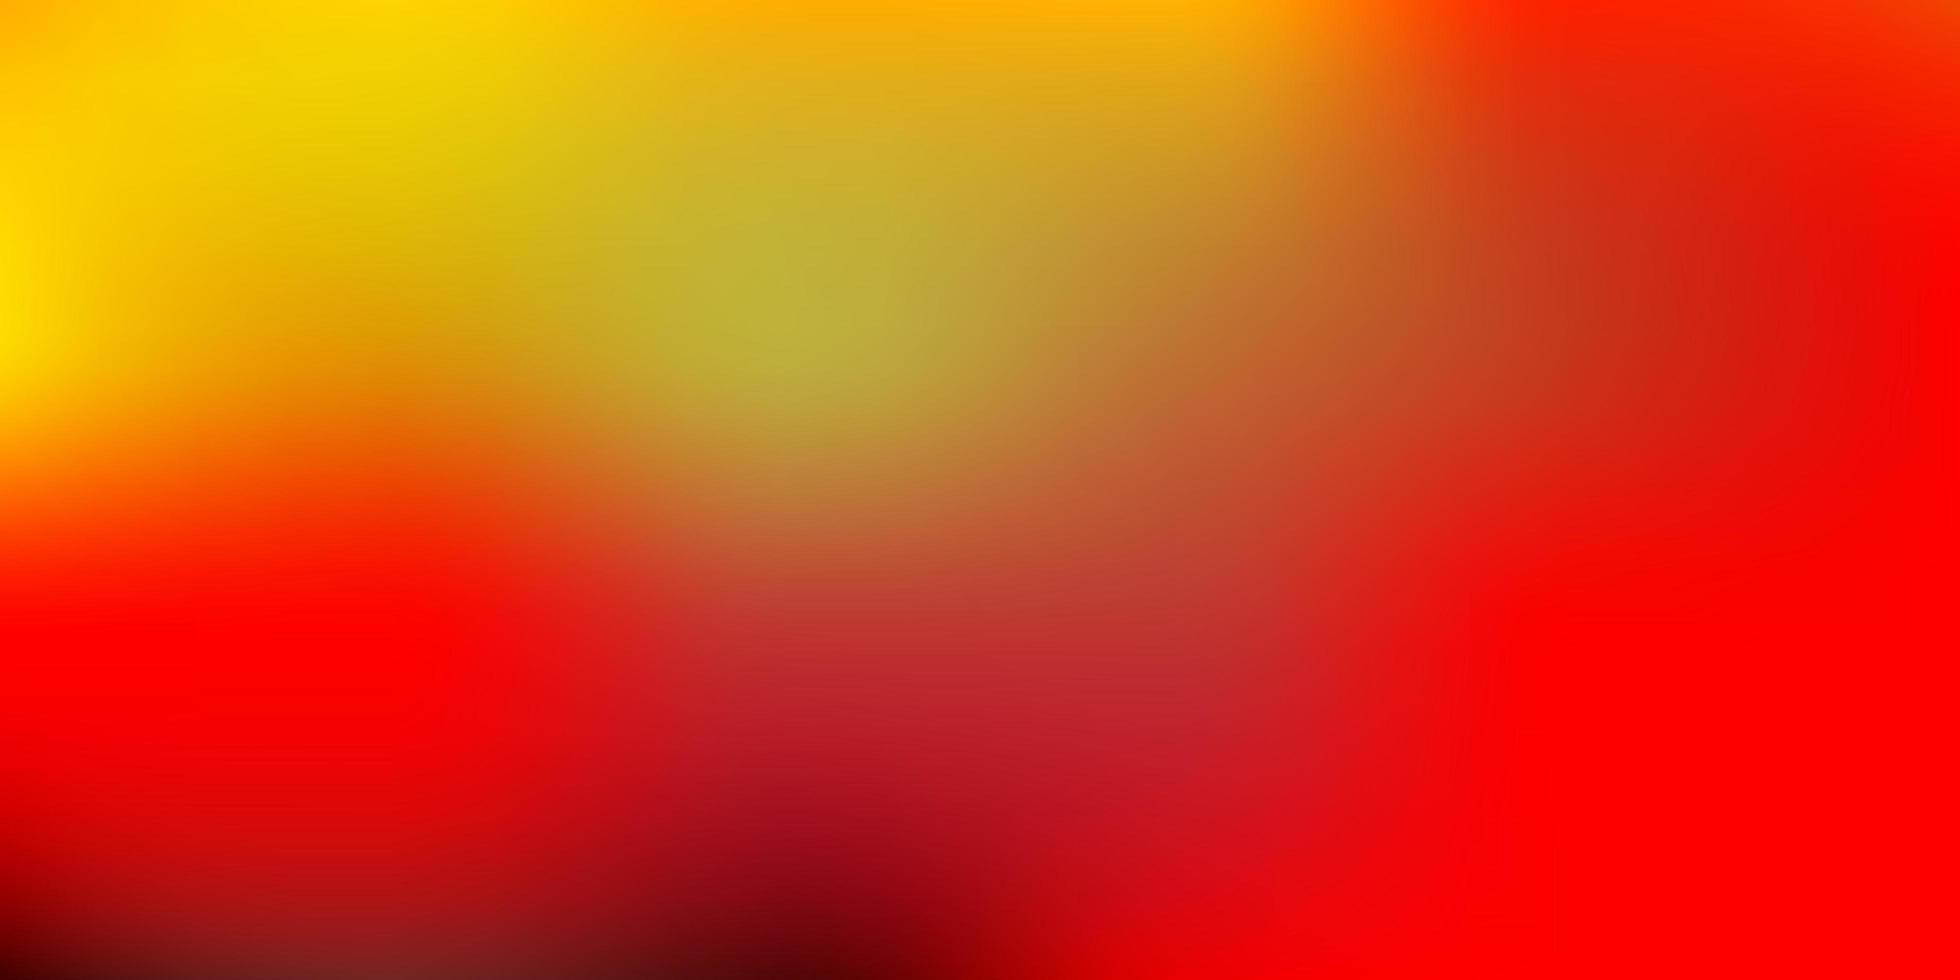 modello di sfocatura sfumata rossa e gialla. vettore